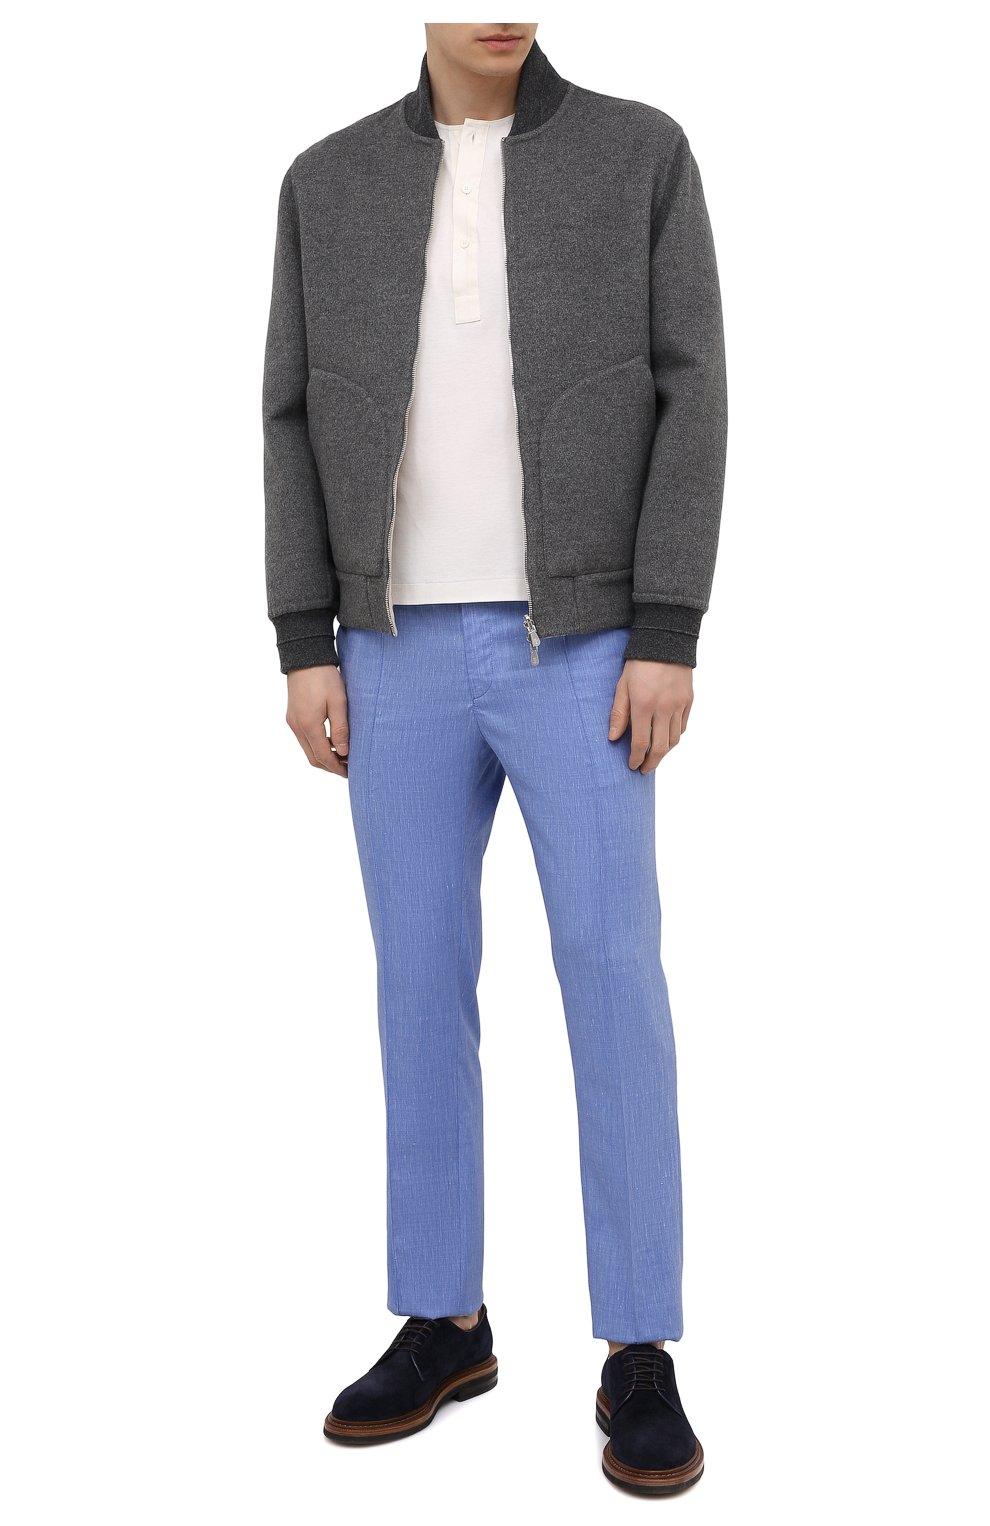 Мужские брюки из шерсти и льна BRIONI голубого цвета, арт. RPM20L/P9AB9/NEW SIDNEY   Фото 2 (Материал внешний: Шерсть; Длина (брюки, джинсы): Стандартные; Случай: Повседневный; Стили: Кэжуэл)